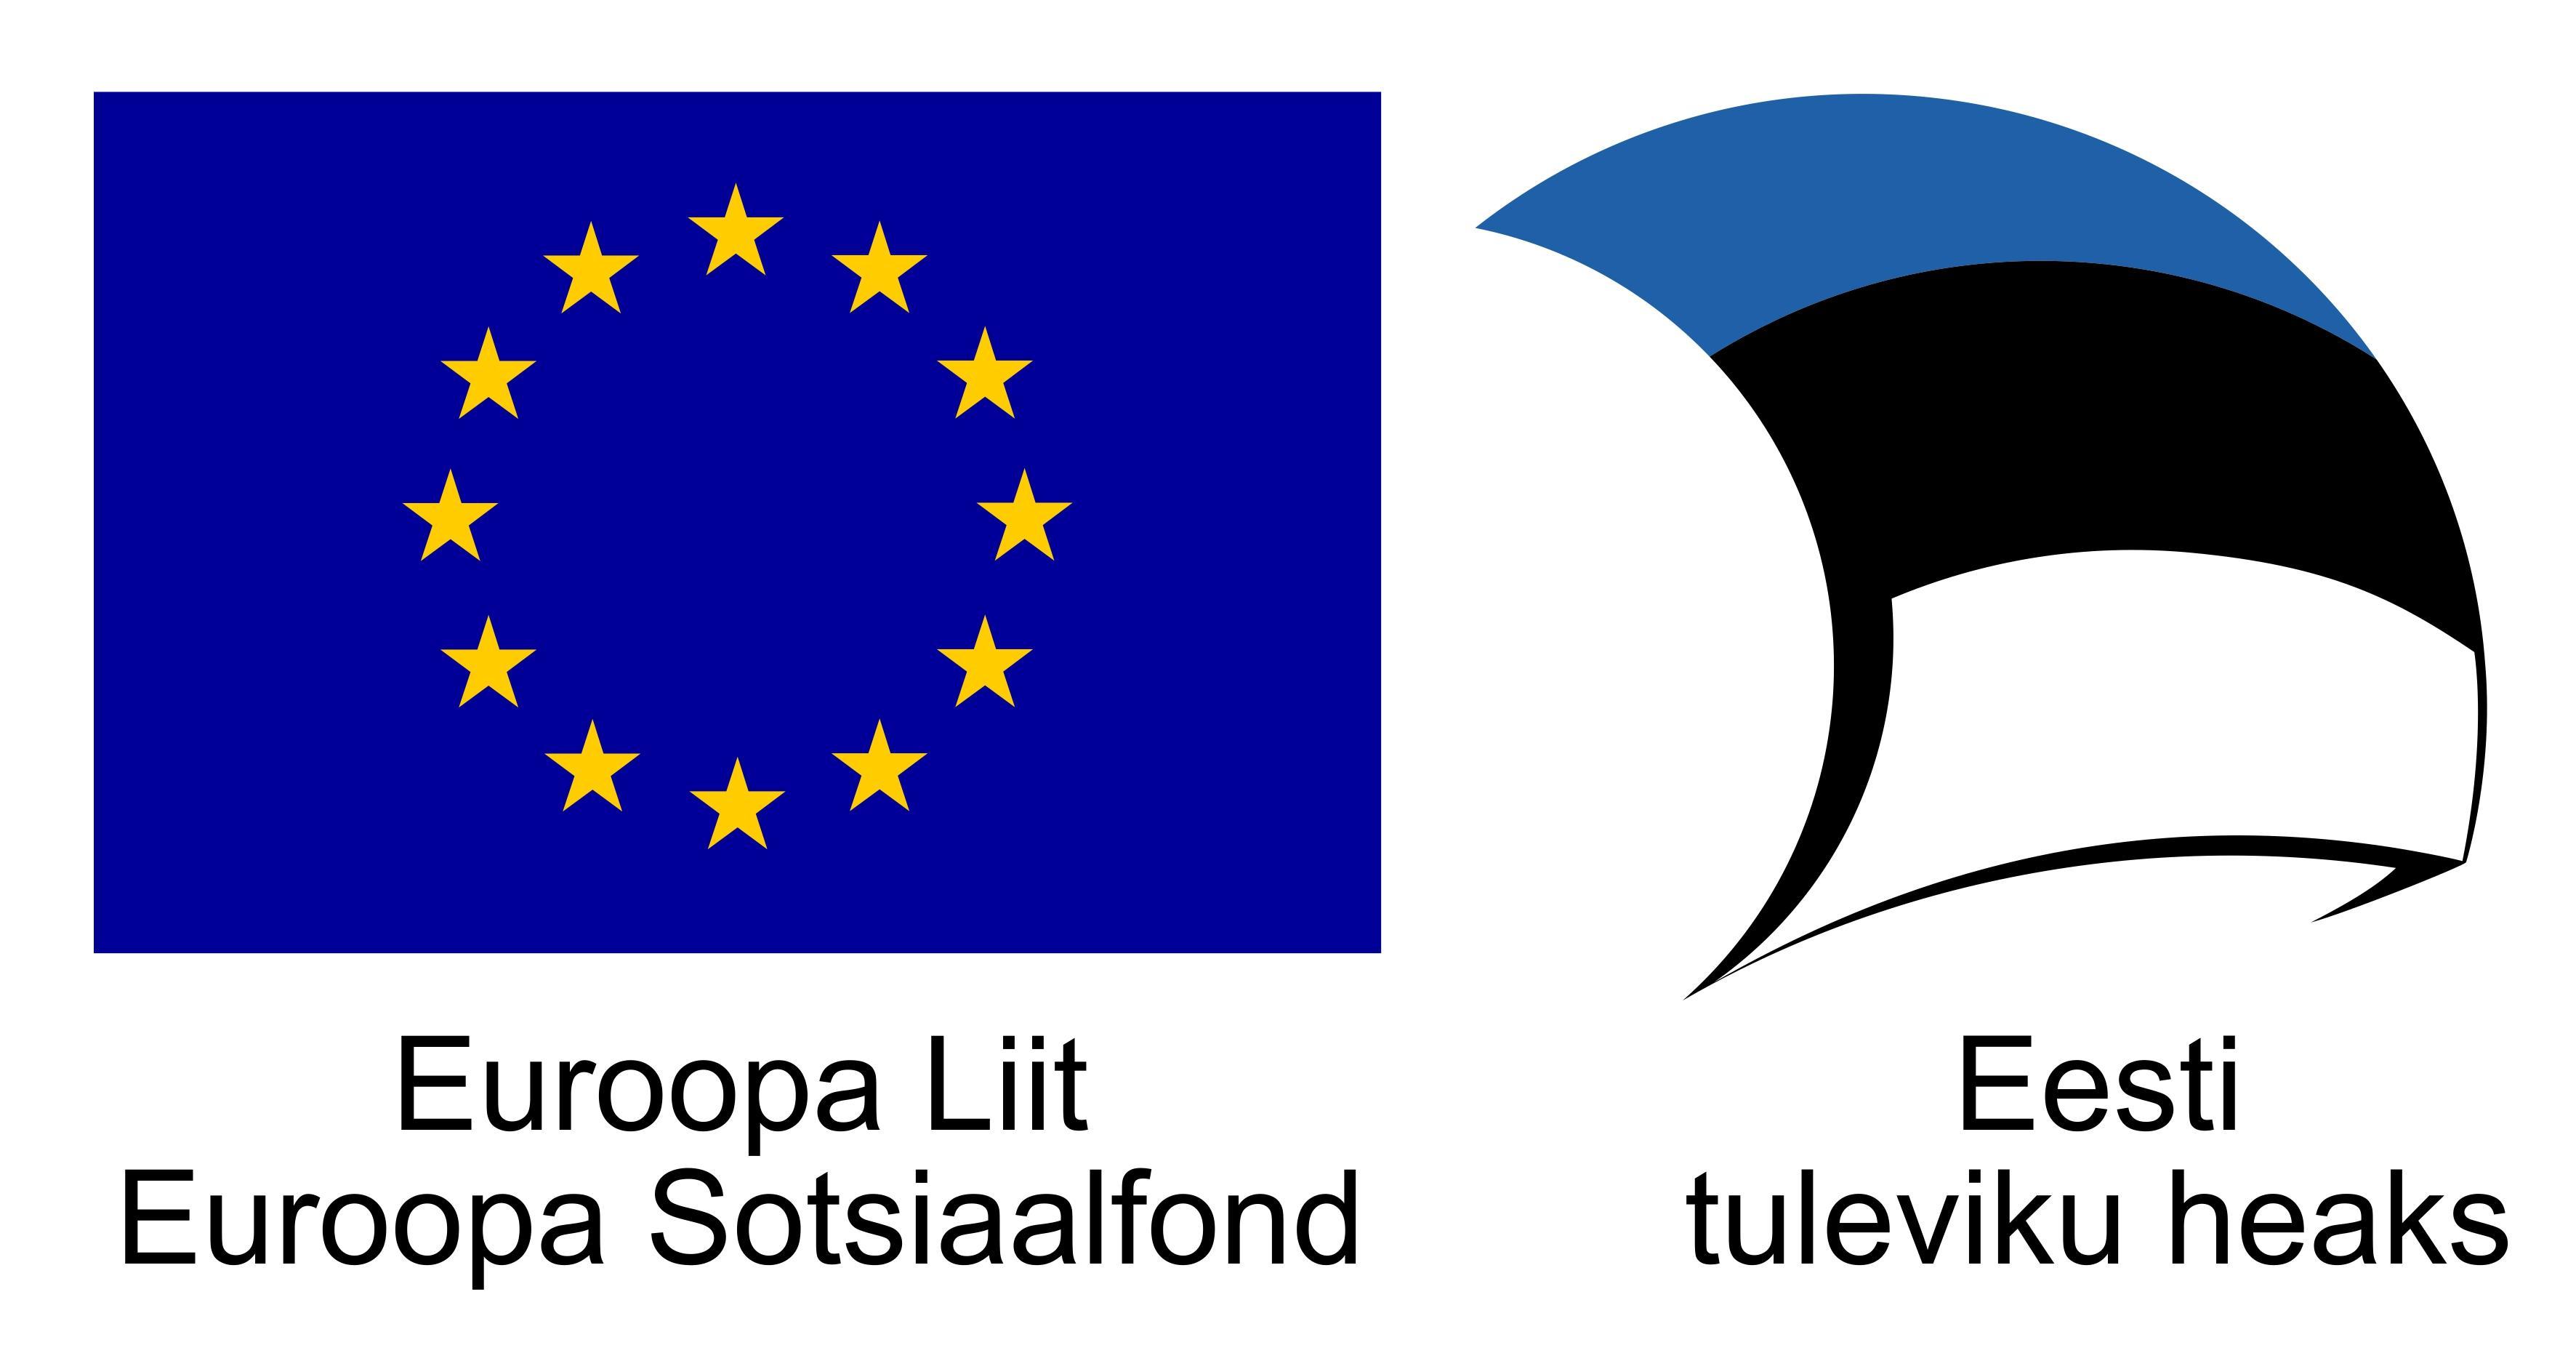 Euroopa Liit, Euroopa Sotsiaalfond, Eesti tuleviku heaks